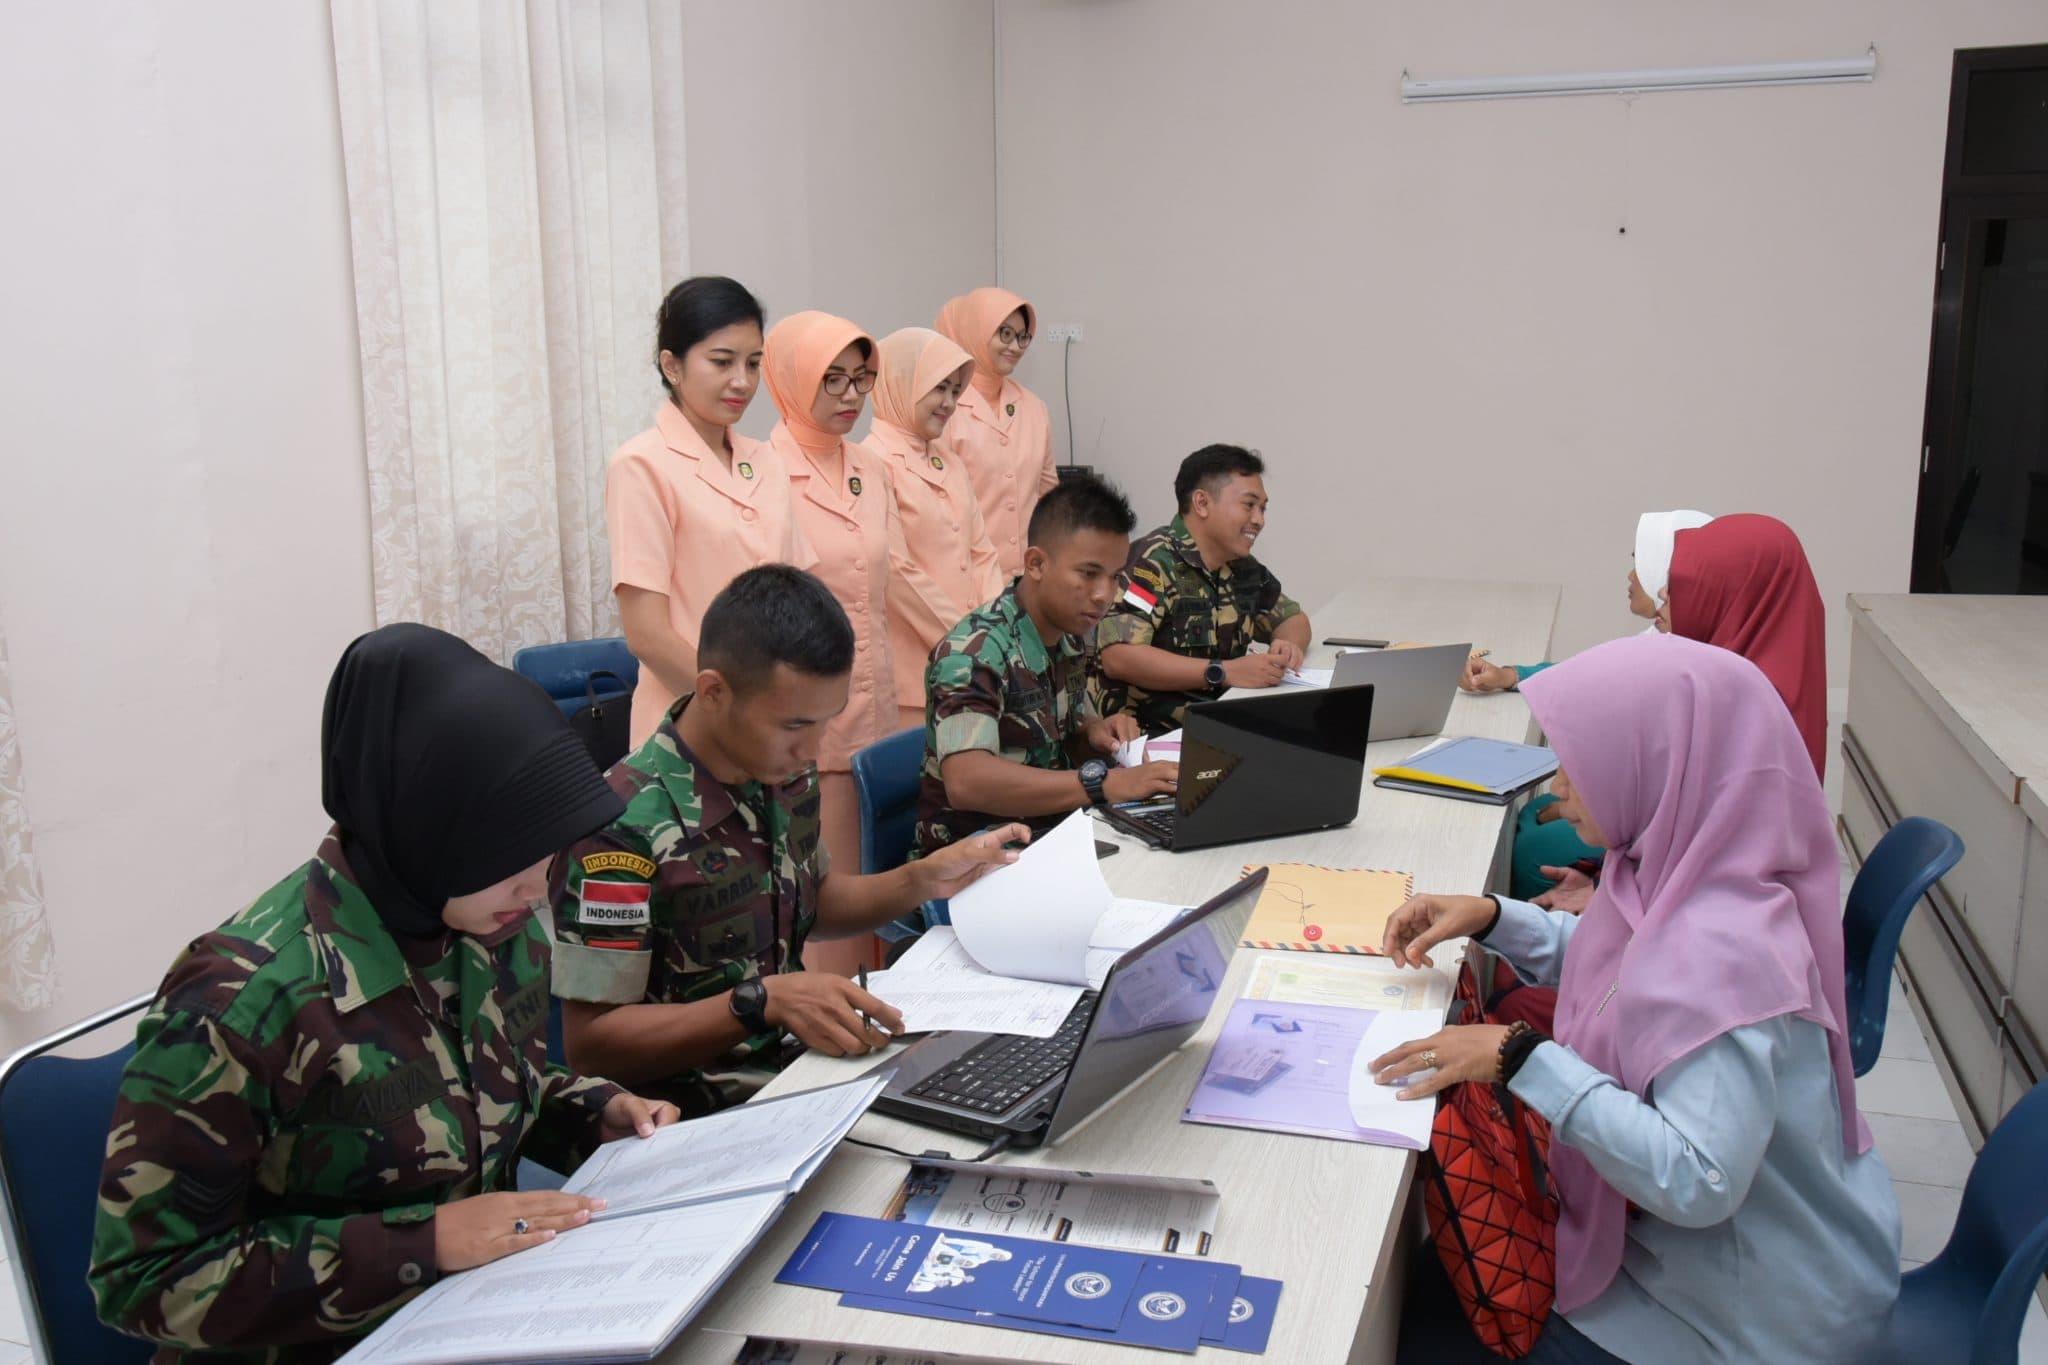 Yasarini Cabang Lanud Raja Haji Fisabilillah dan Dinas Personel Melaksanakan Verifikasi Pendaftaran SMA Pradita Dirgantara